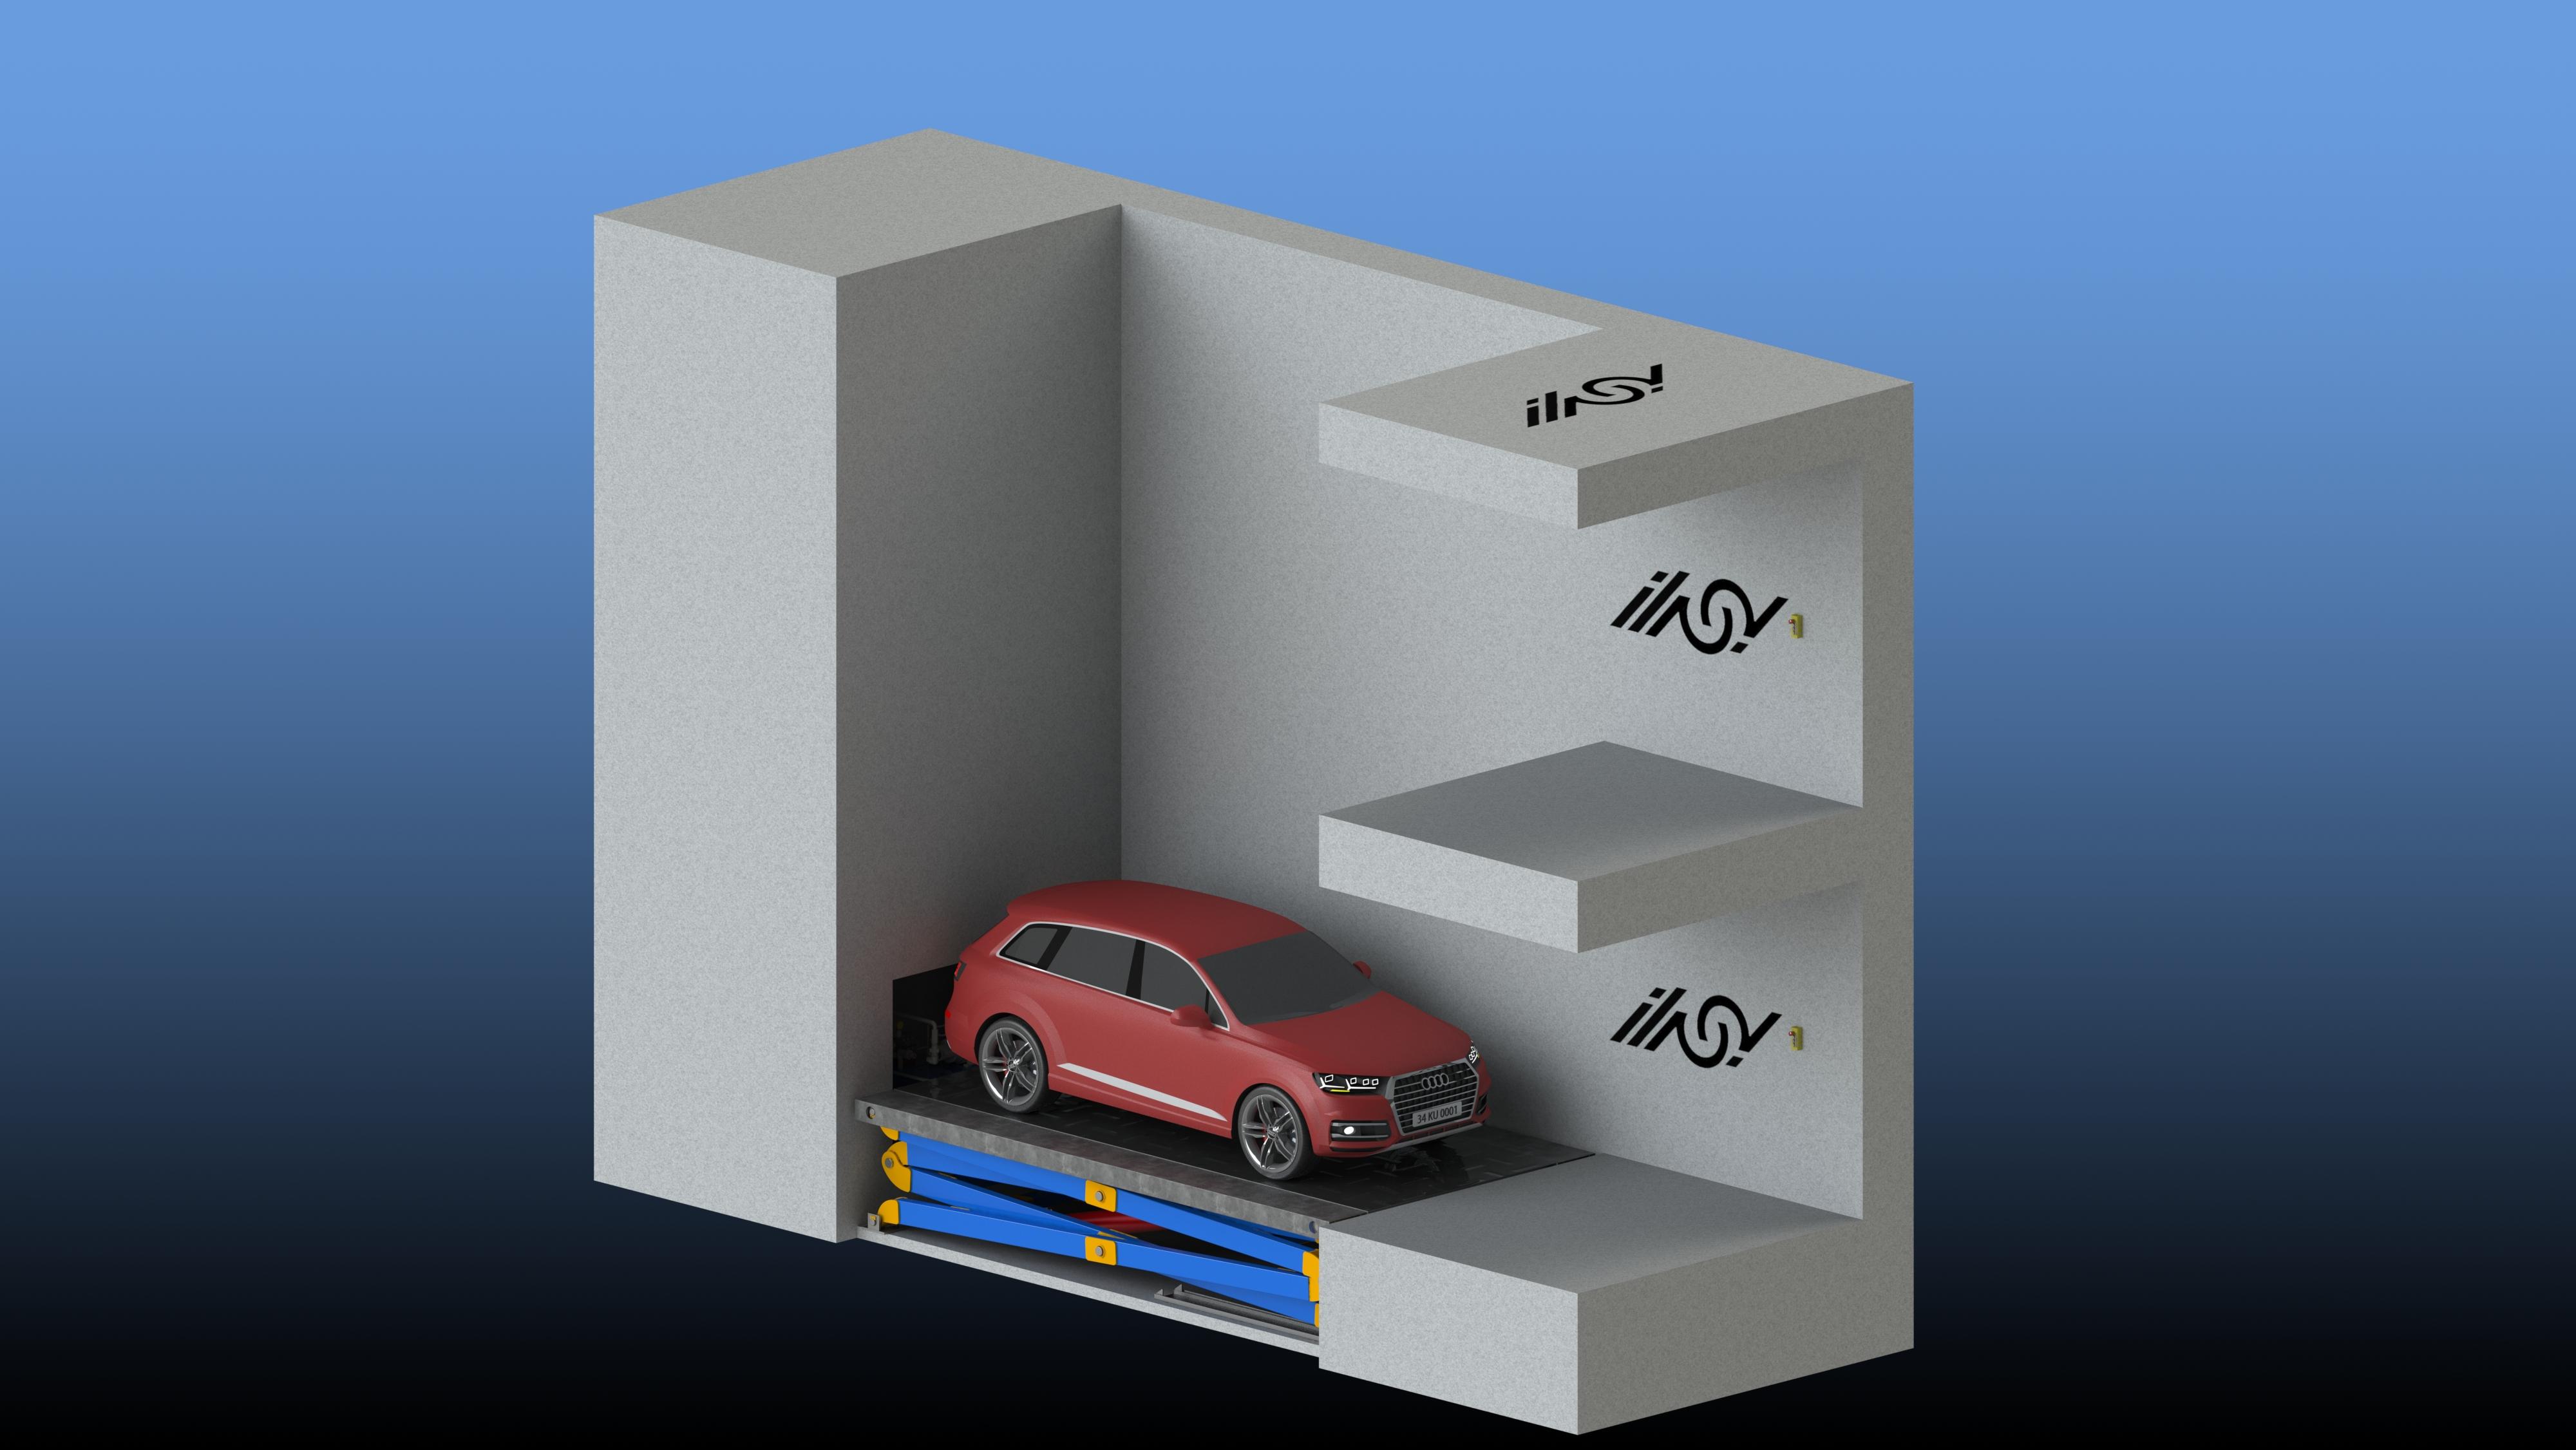 شرکت مهندسی به راز پیشرو در طراحی انواع پارکینگ مکانیزه، پارکینگ هوشمند، آسانسور، آسانسور هیدرولیکی